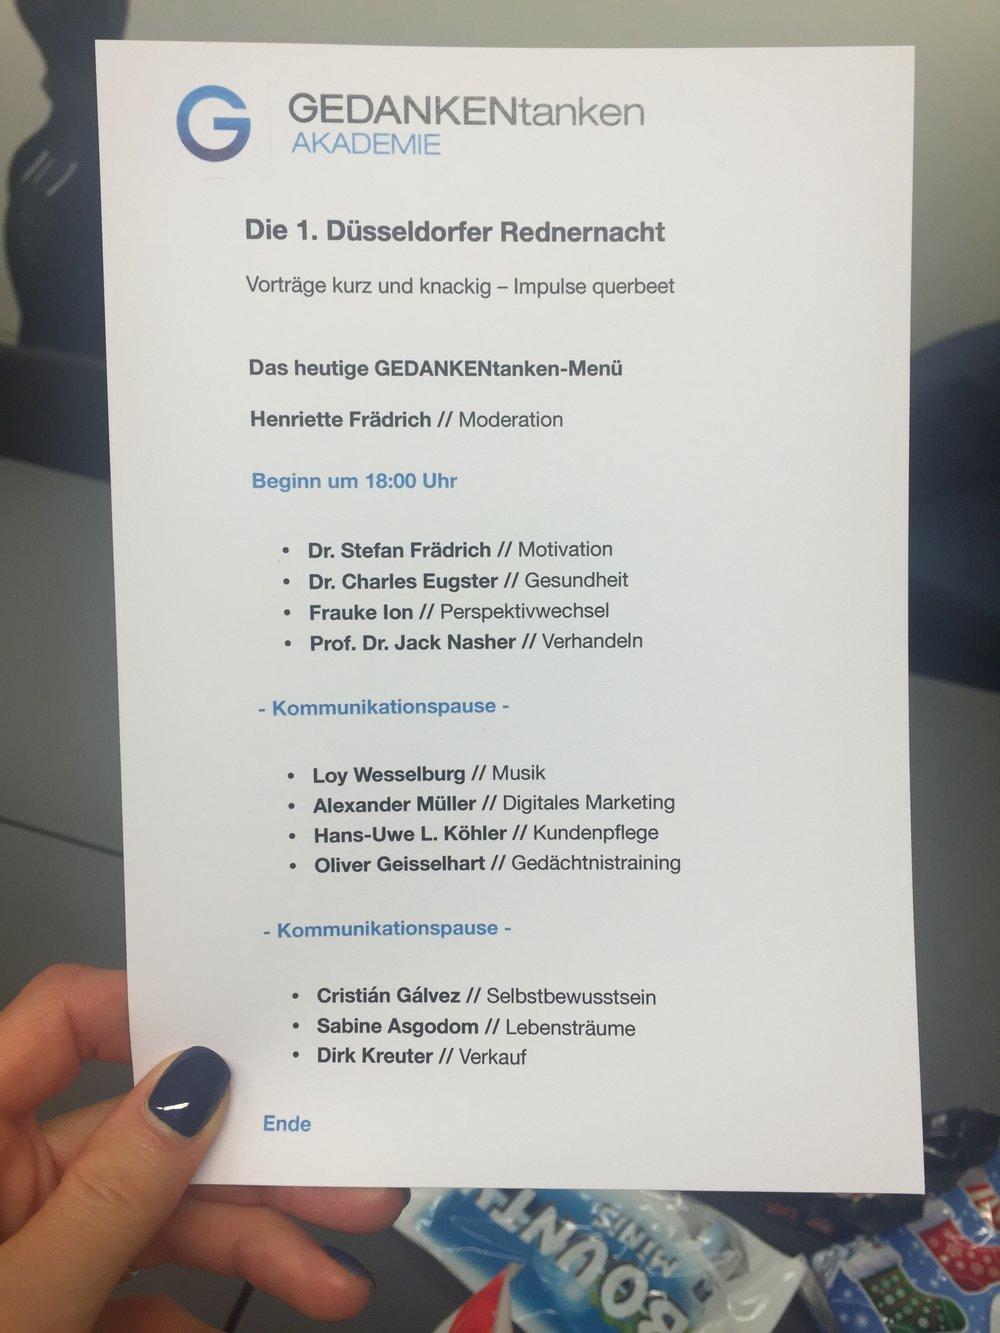 Henriette Frädrich Moderation Düsseldorfer Rednernacht